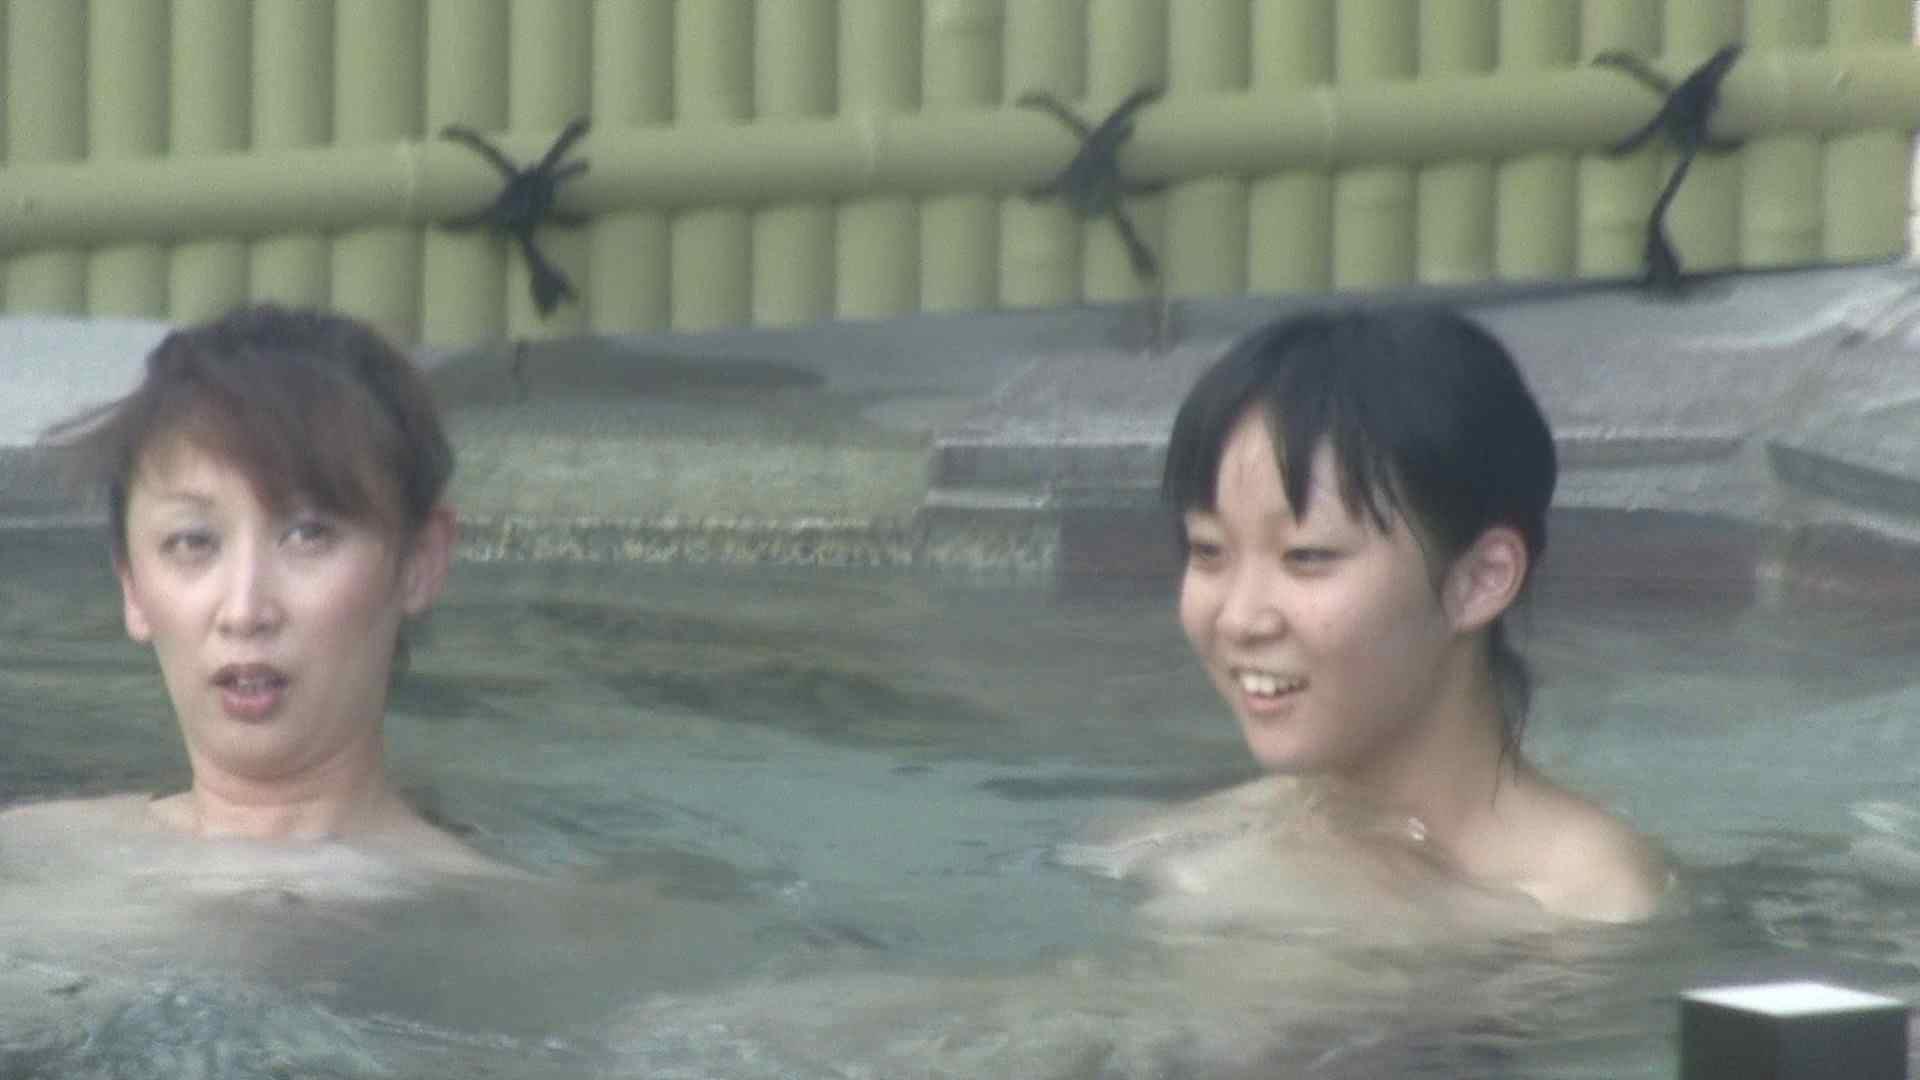 Aquaな露天風呂Vol.196 美しいOLの裸体   盗撮師作品  72pic 7